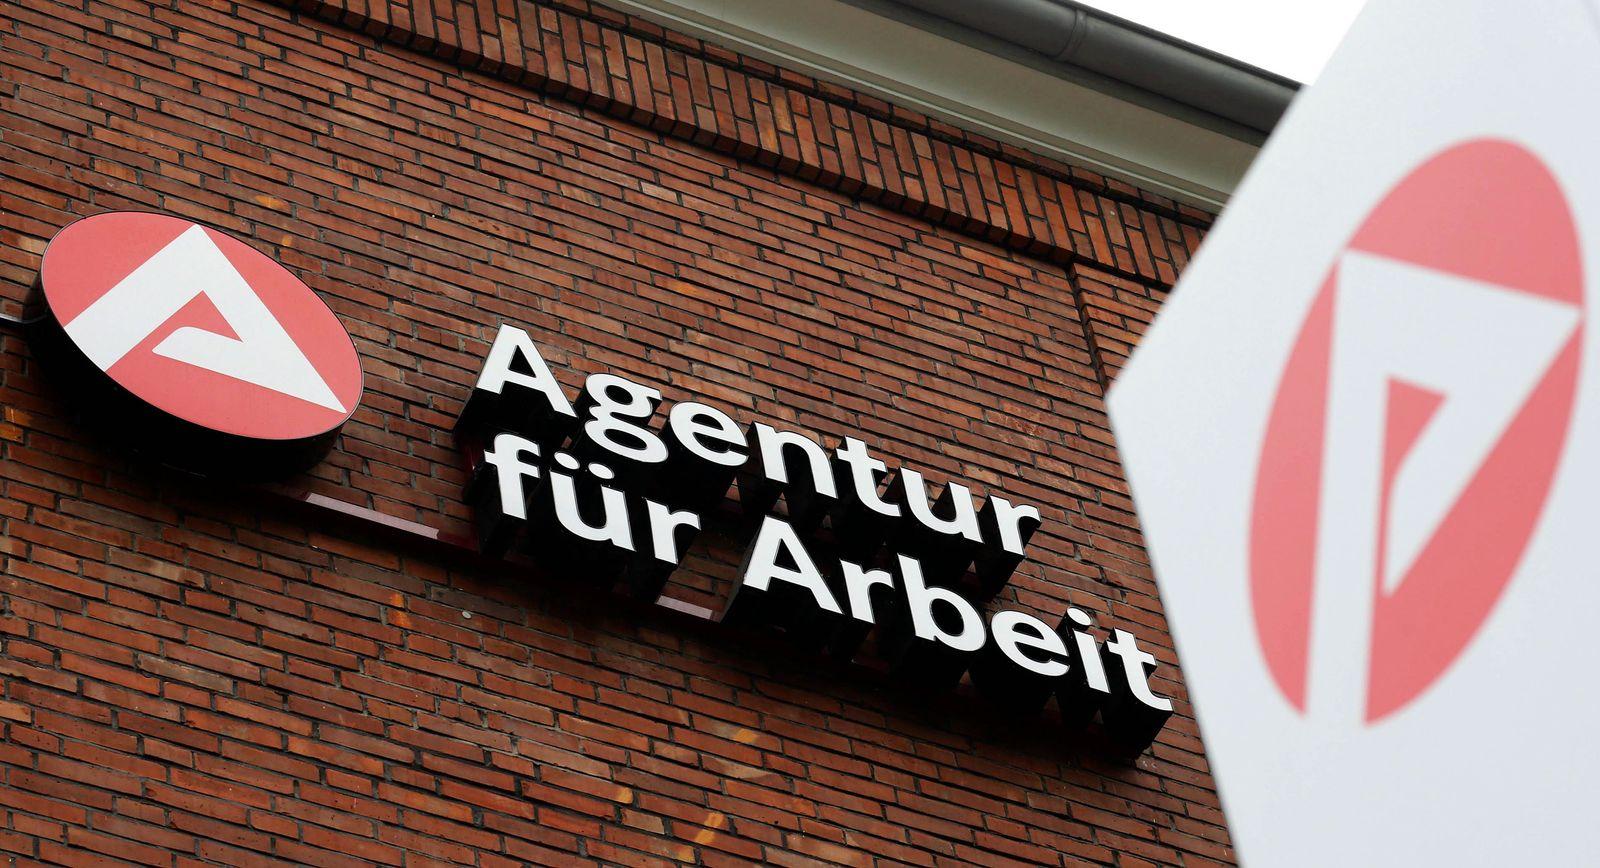 Agentur für Arbeit / Bundesagentur für Arbeit / Agentur für Arbeit / Arbeitslosigkeit / Arbeitsagentur / Hartz-IV /